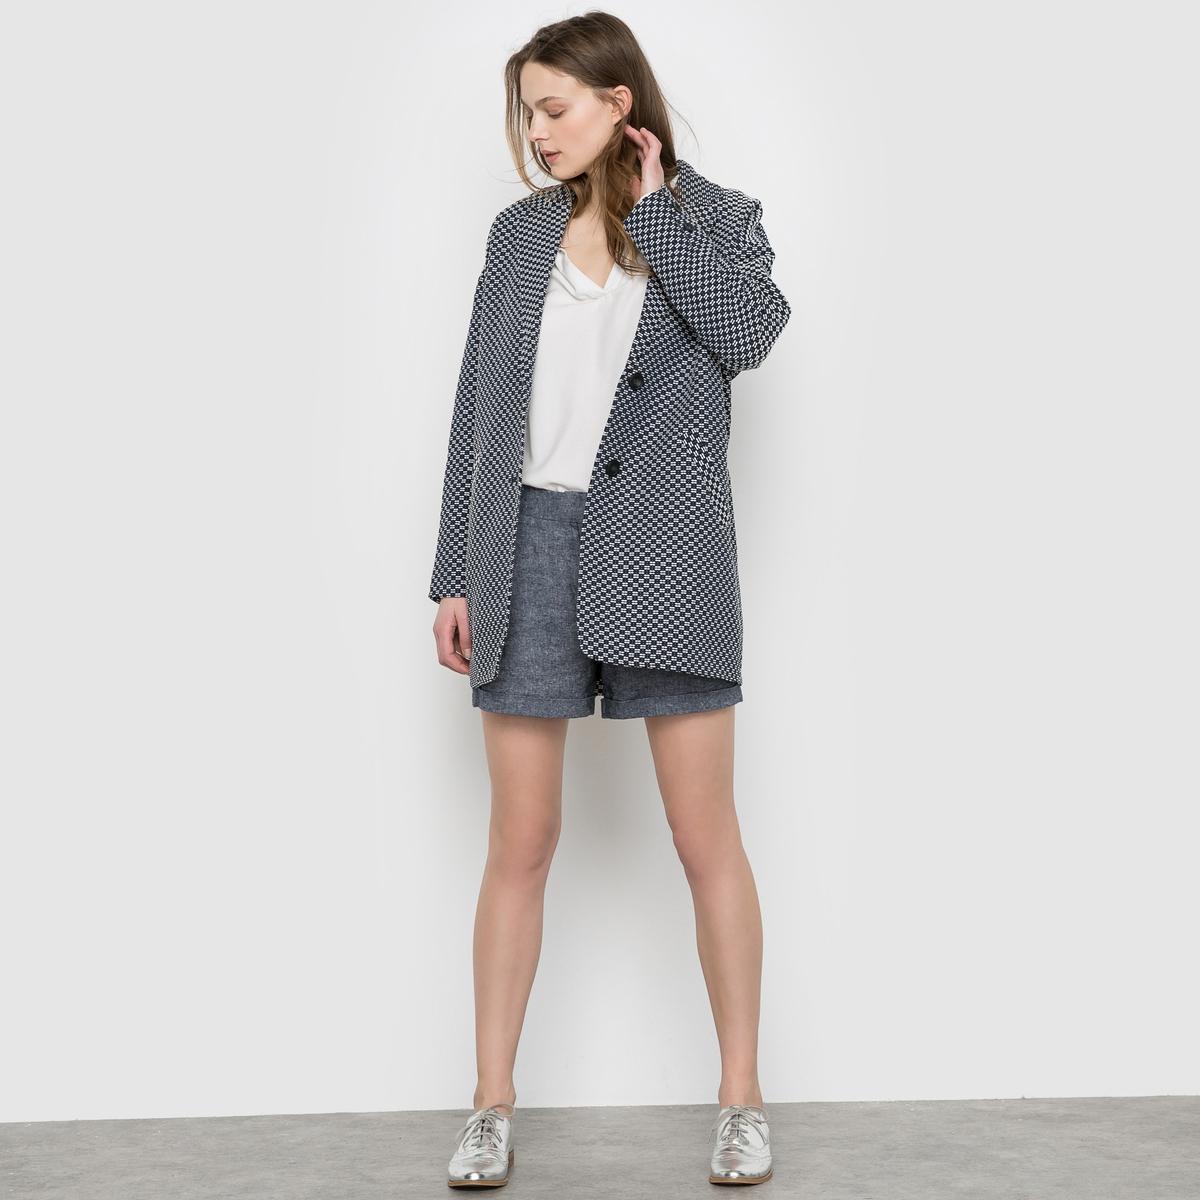 Пальто длинное жаккардовоеДлинное жаккардовое пальто SUNCOO. Мелкий двухцветный орнамент. Застежка на пуговицы. 2 прорезных кармана.Состав&amp;детали     Материал: 72% хлопка, 28% полиэстераПодкладка: 100% вискозыМарка: SUNCOO<br><br>Цвет: экрю/ темно-синий<br>Размер: L.M